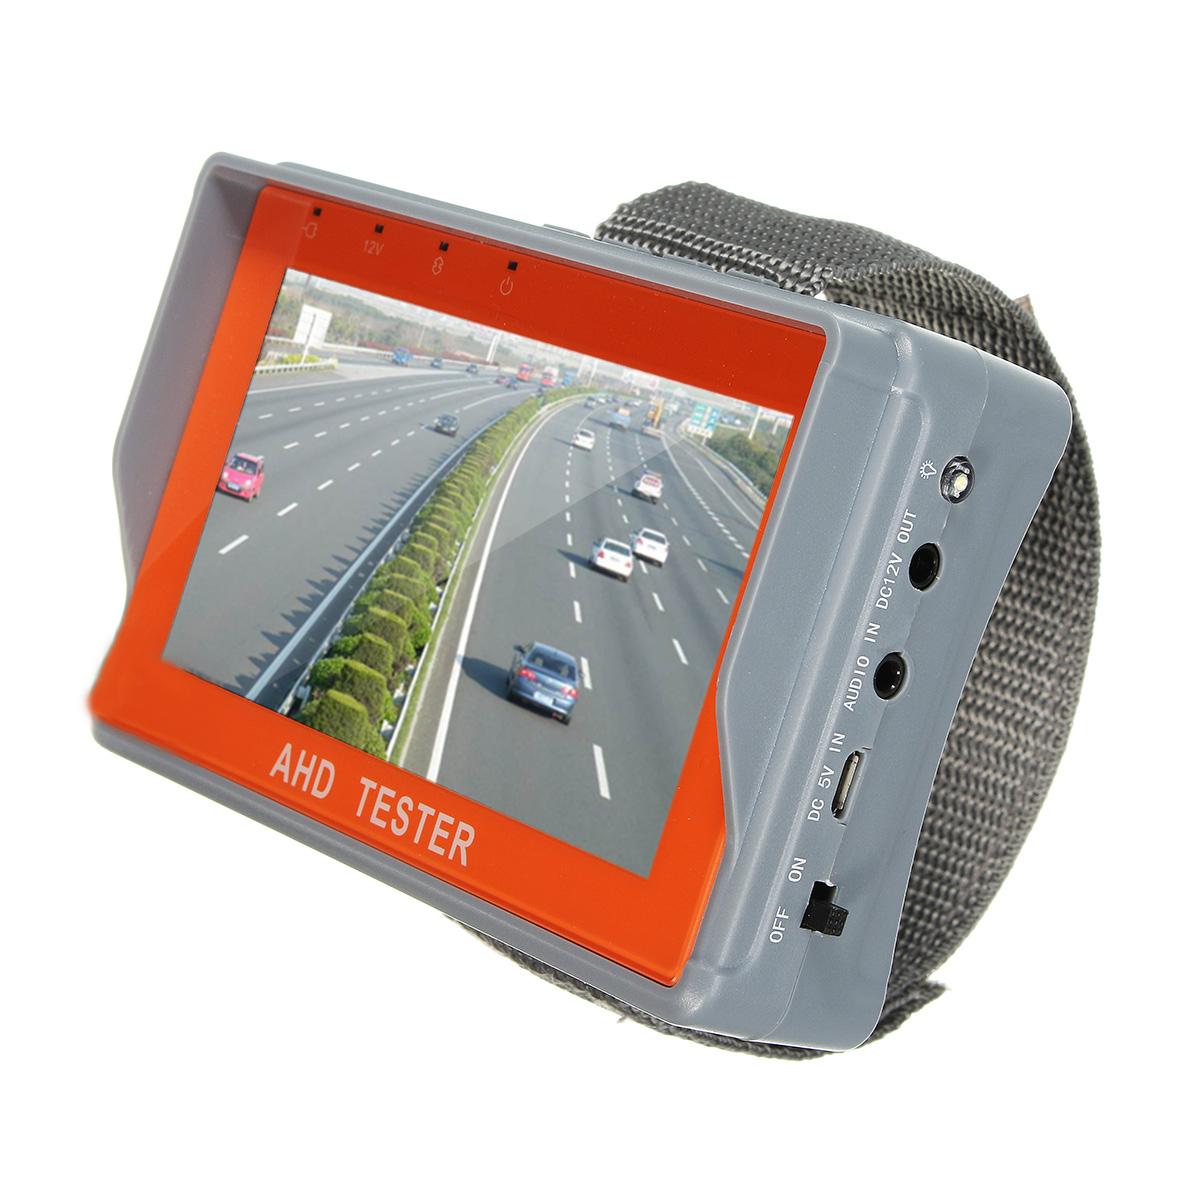 4.3 inch TFT LCD HD CCTV AHD Tester Monitor Analog Camera UTP Cable PTZ 12V